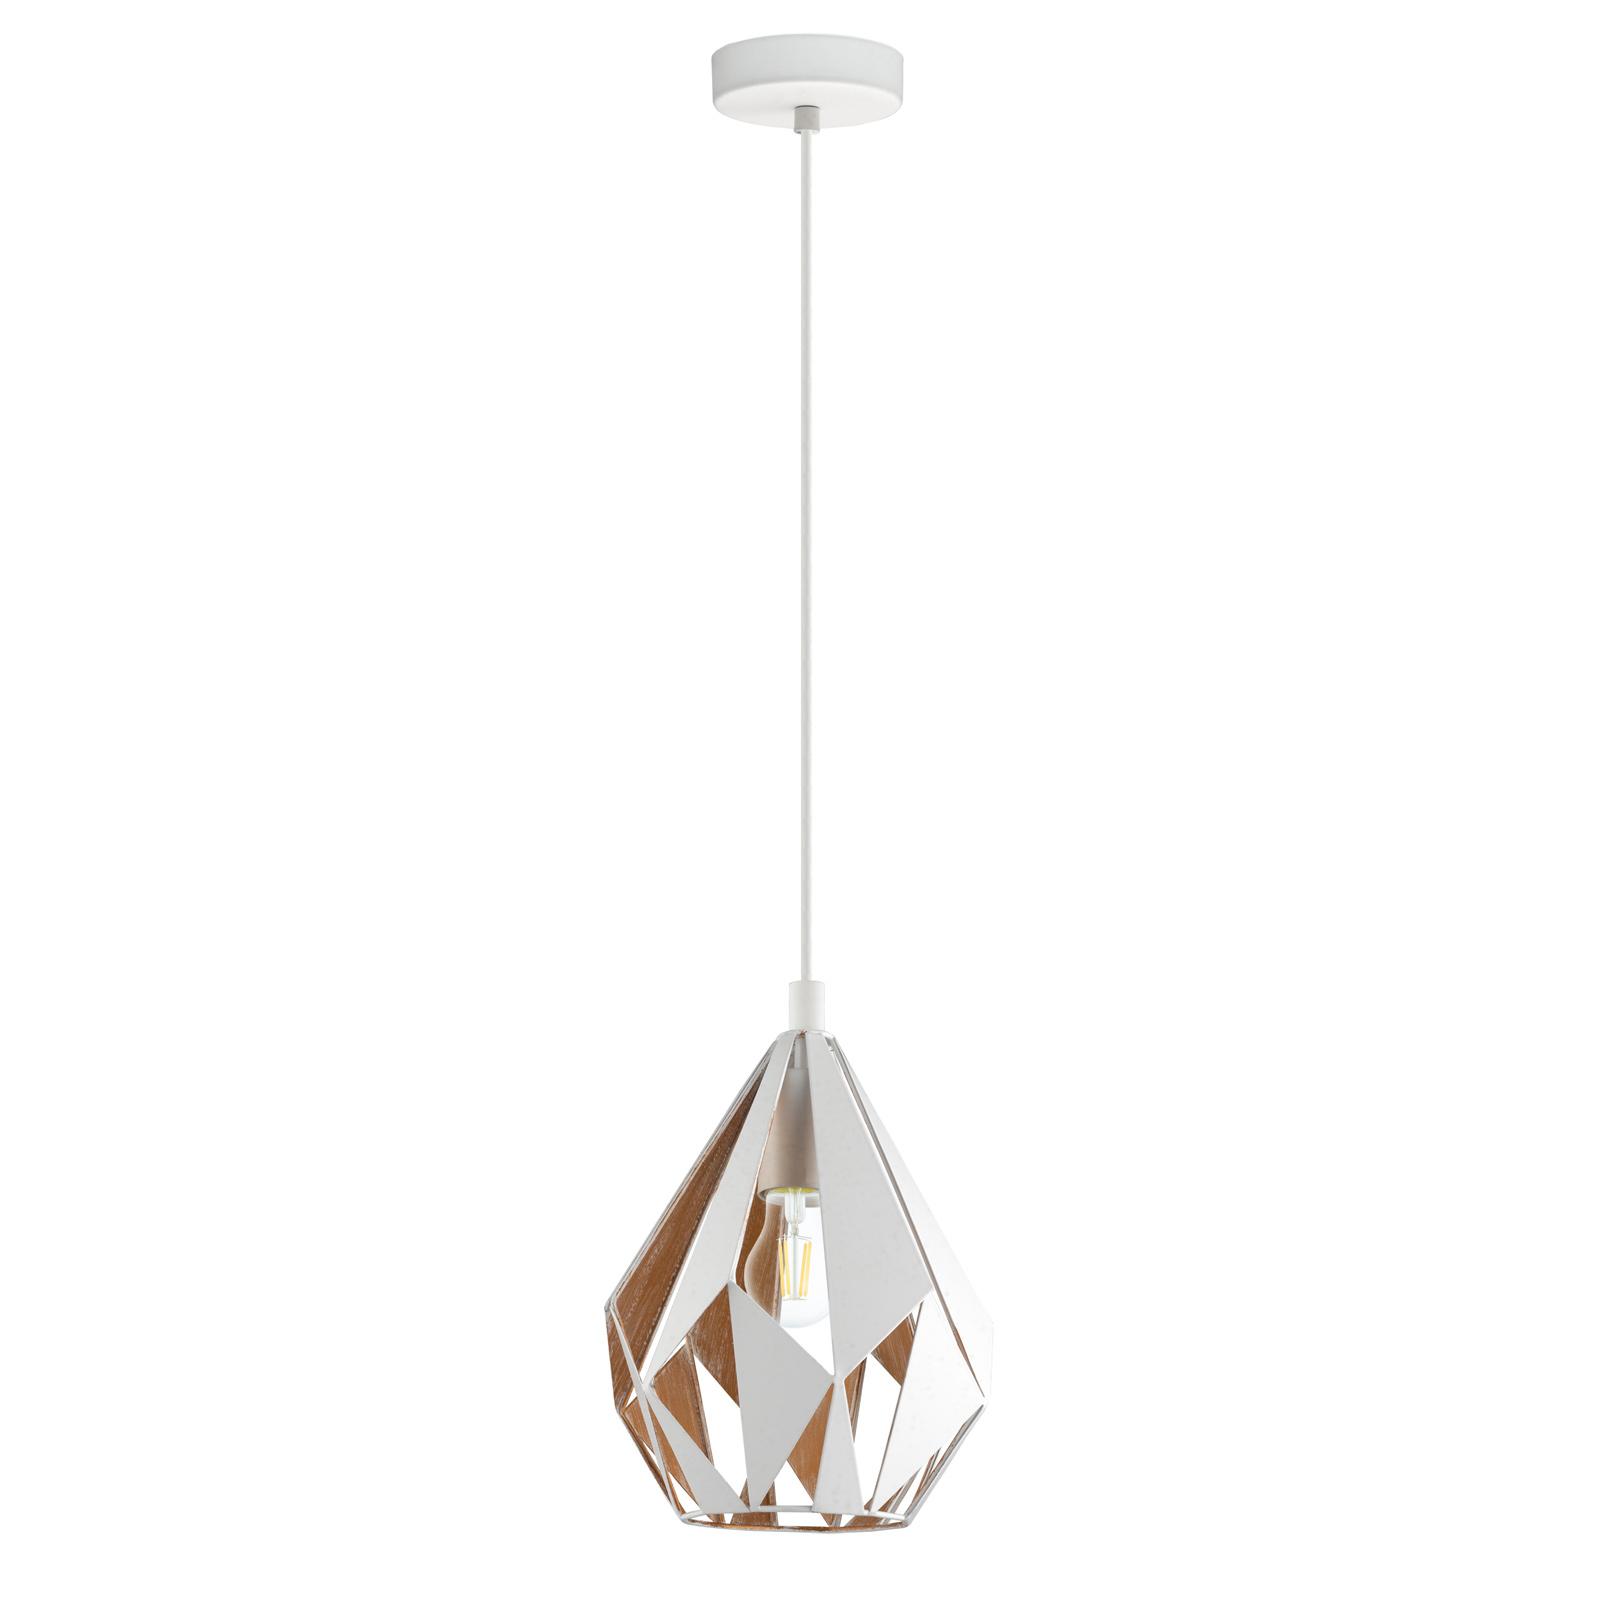 Hanglamp Carlton 1, wit-goud, Ø 20,5cm